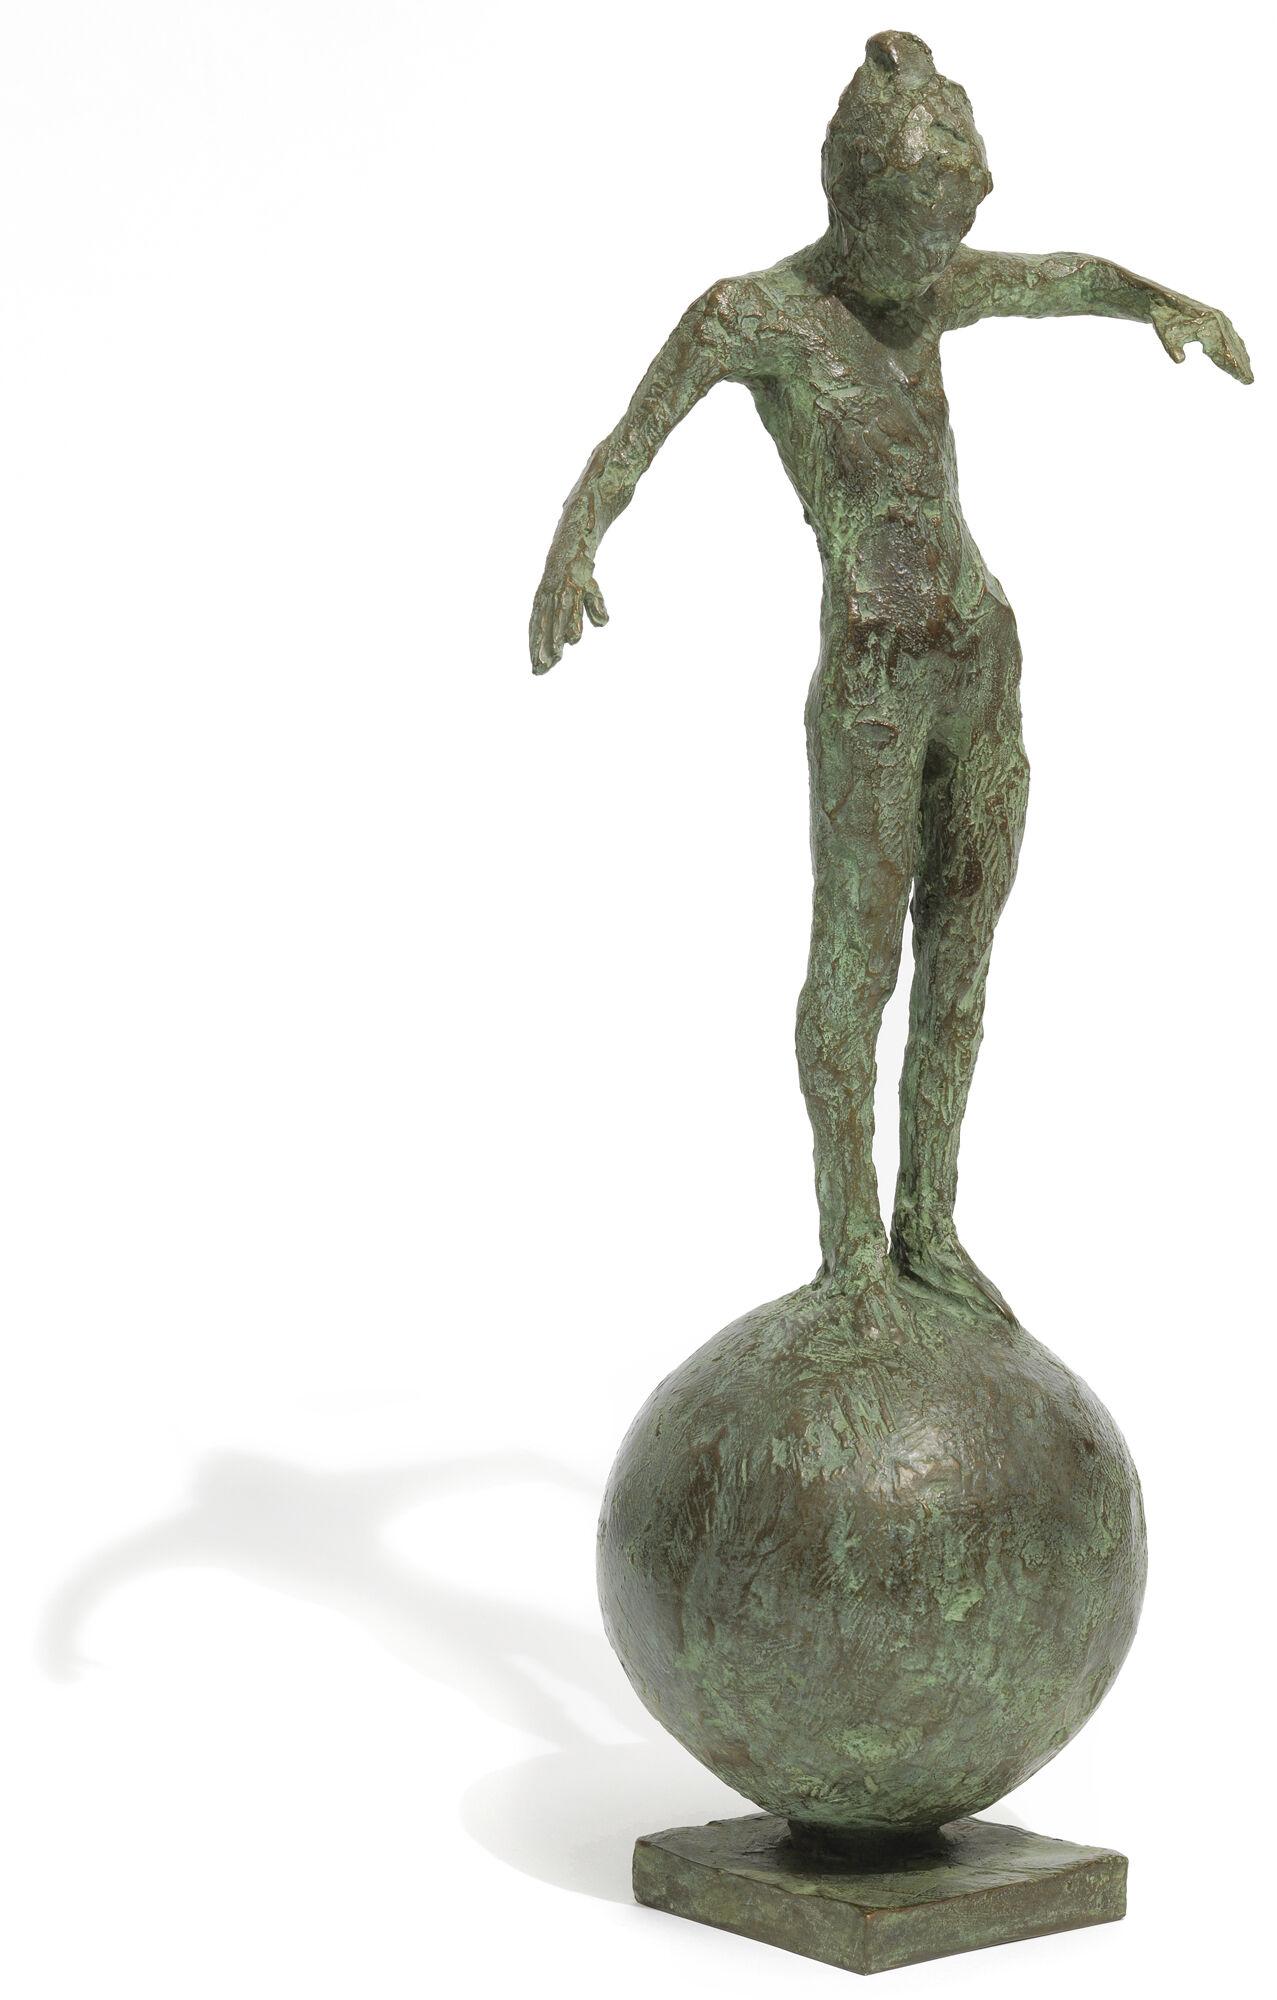 Kleine Skulptur Kreuzworträtsel